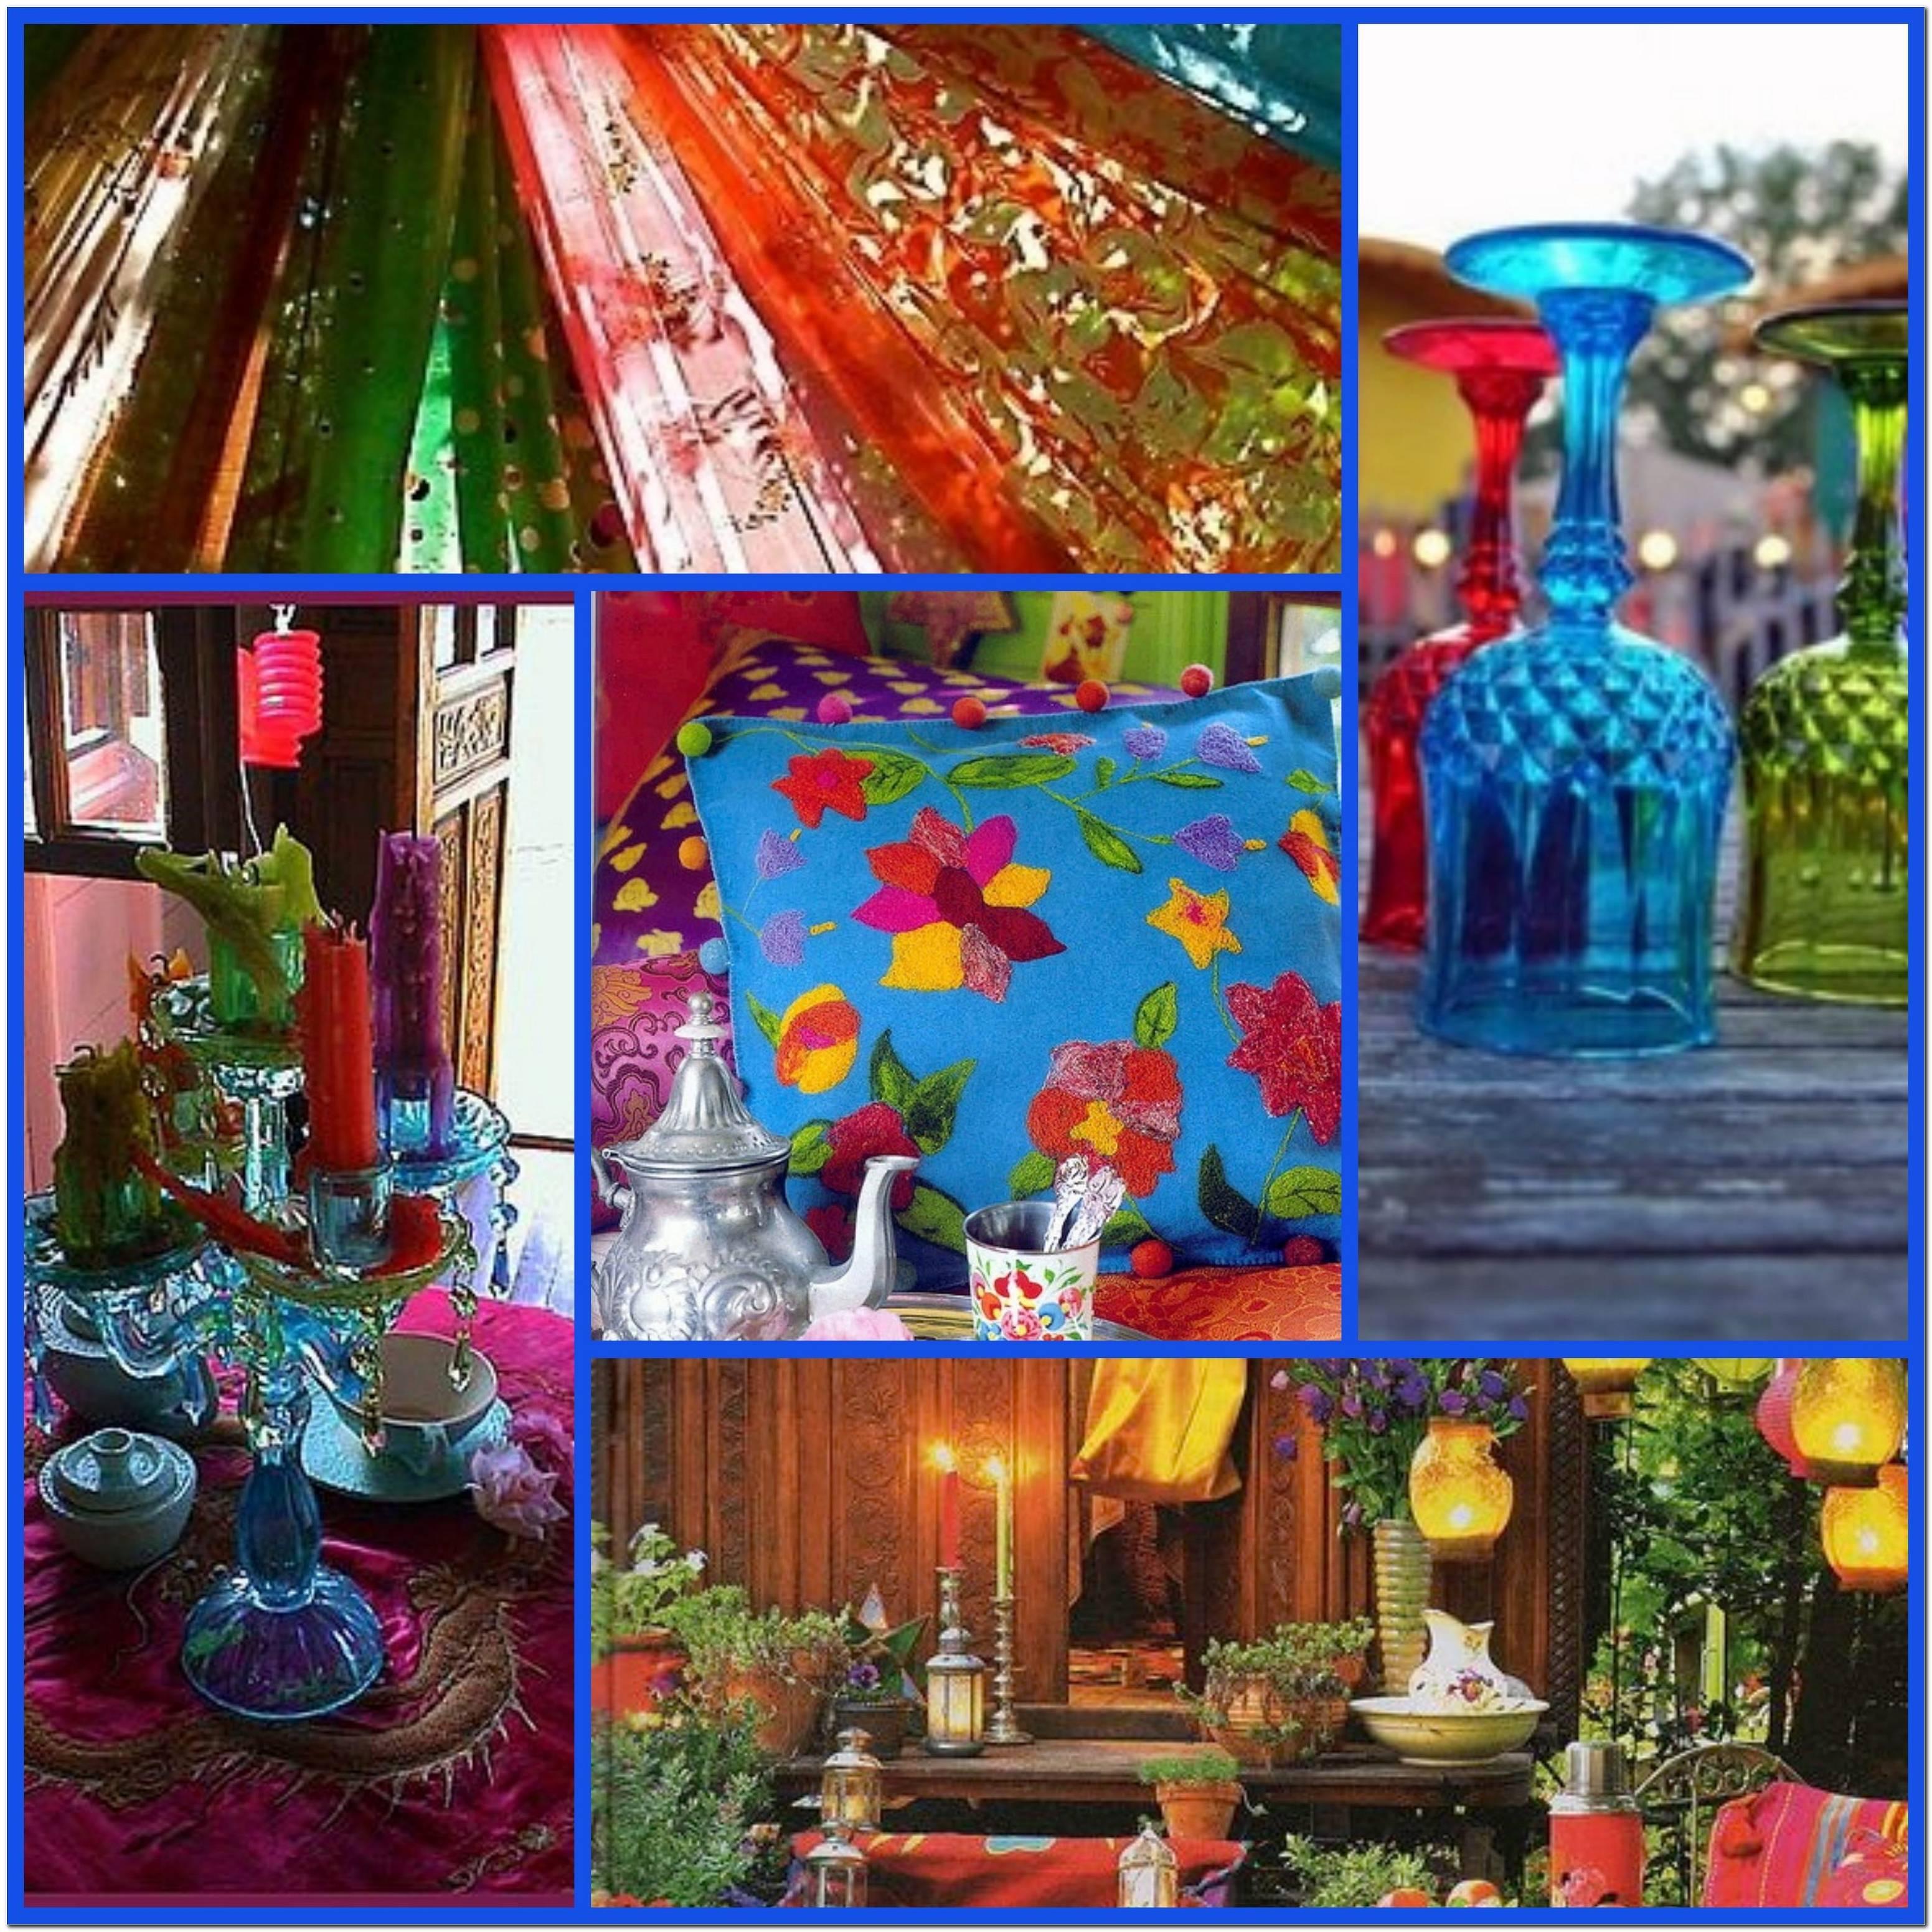 Festa Cigana E Boho Chic Ideias De Decoração Com O Tema